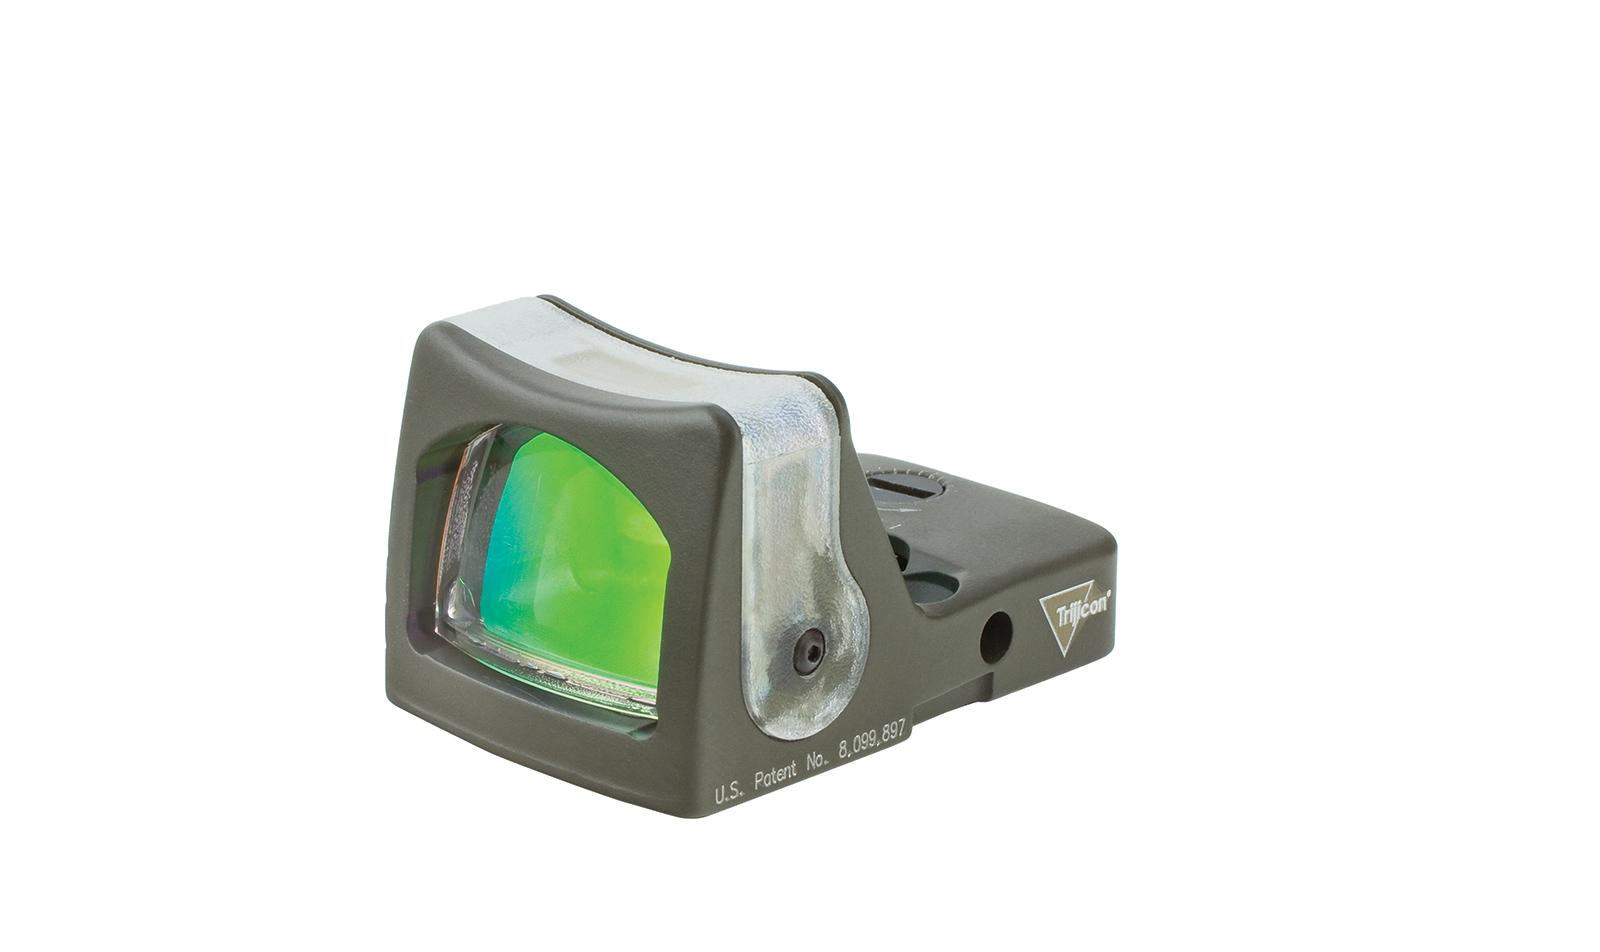 RM08-C-700257 angle 1